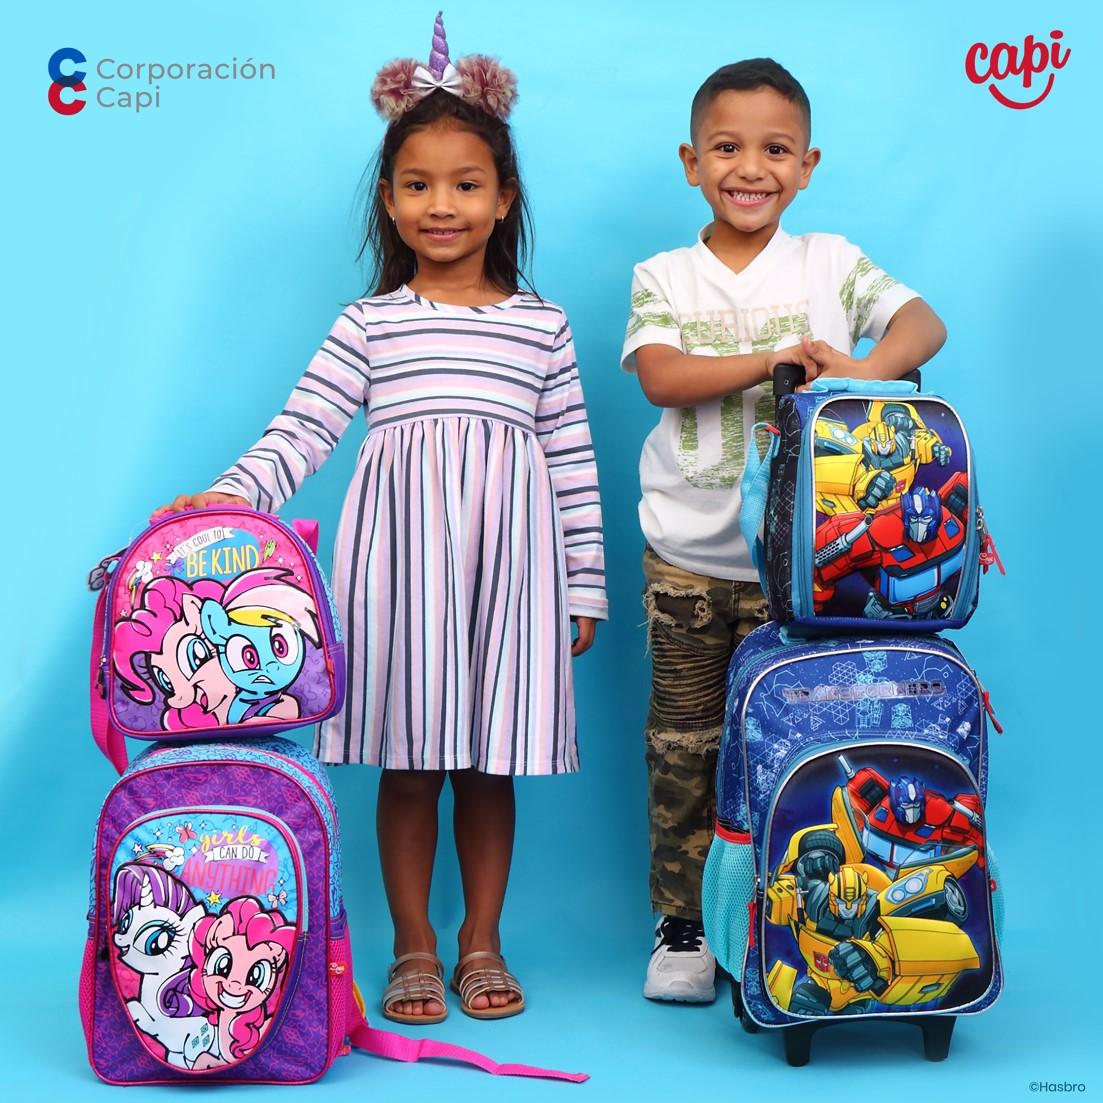 Corporación Capi® soluciones genuinas adaptadas a las necesidades del mercado